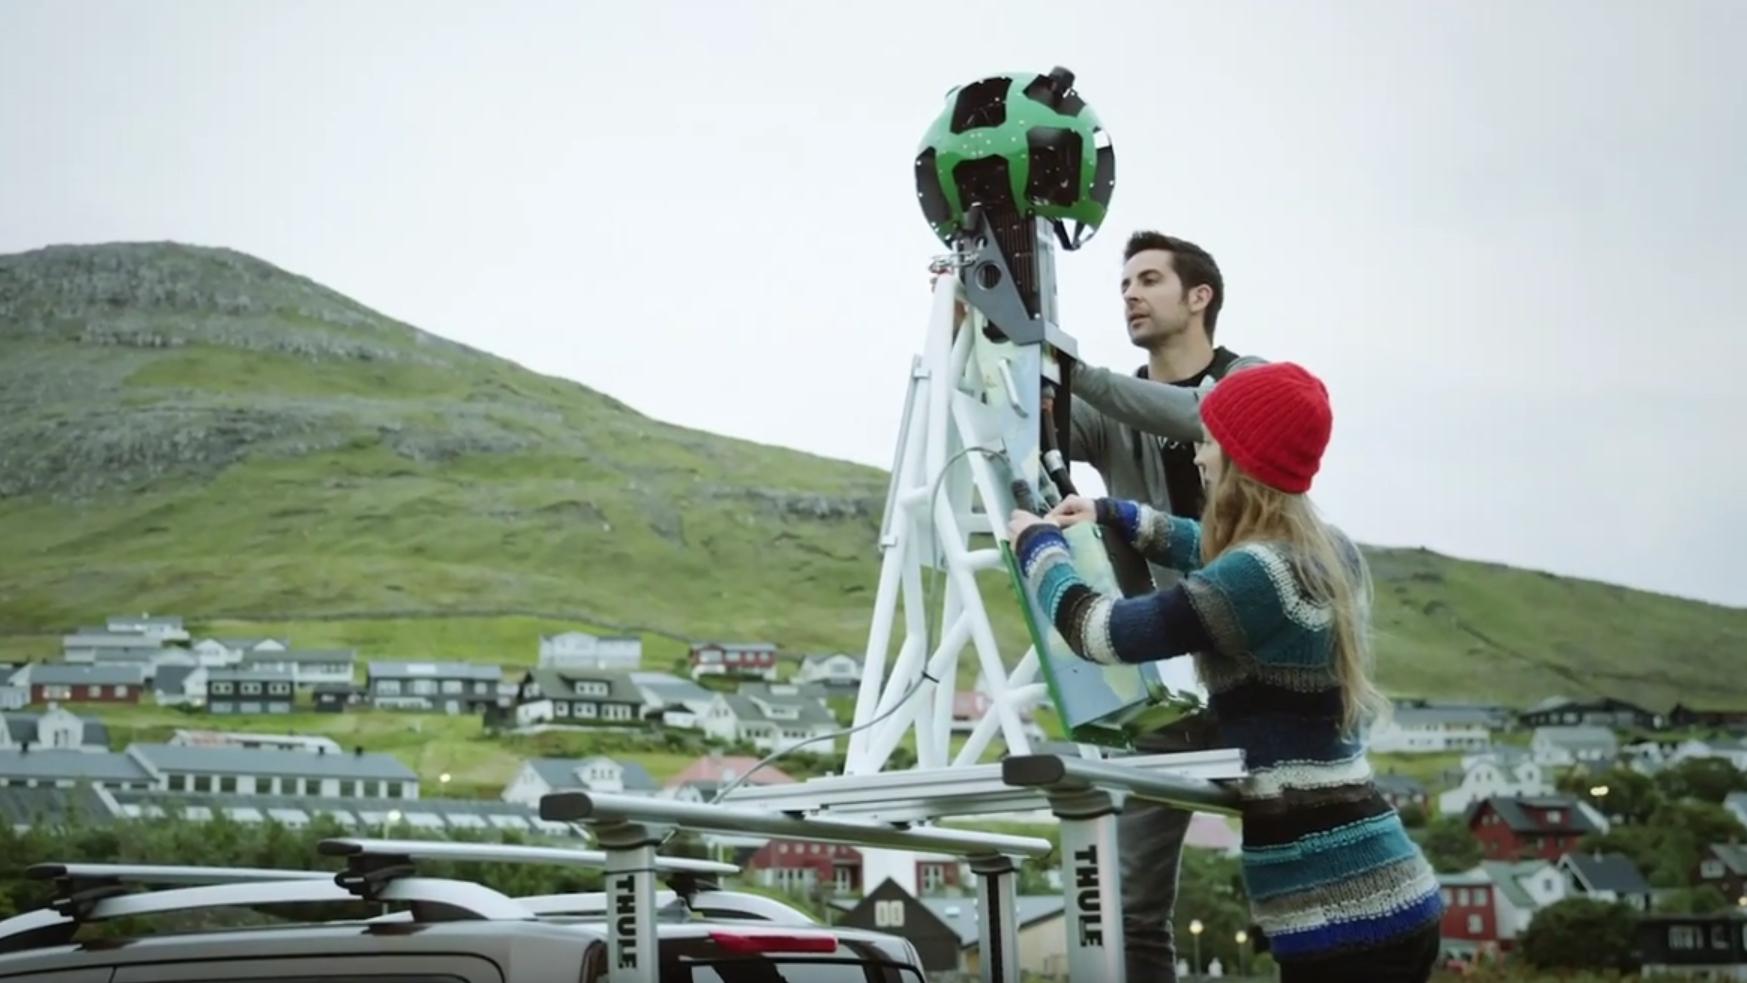 Nå skal Google endelig legge Færøyene inn i Street View